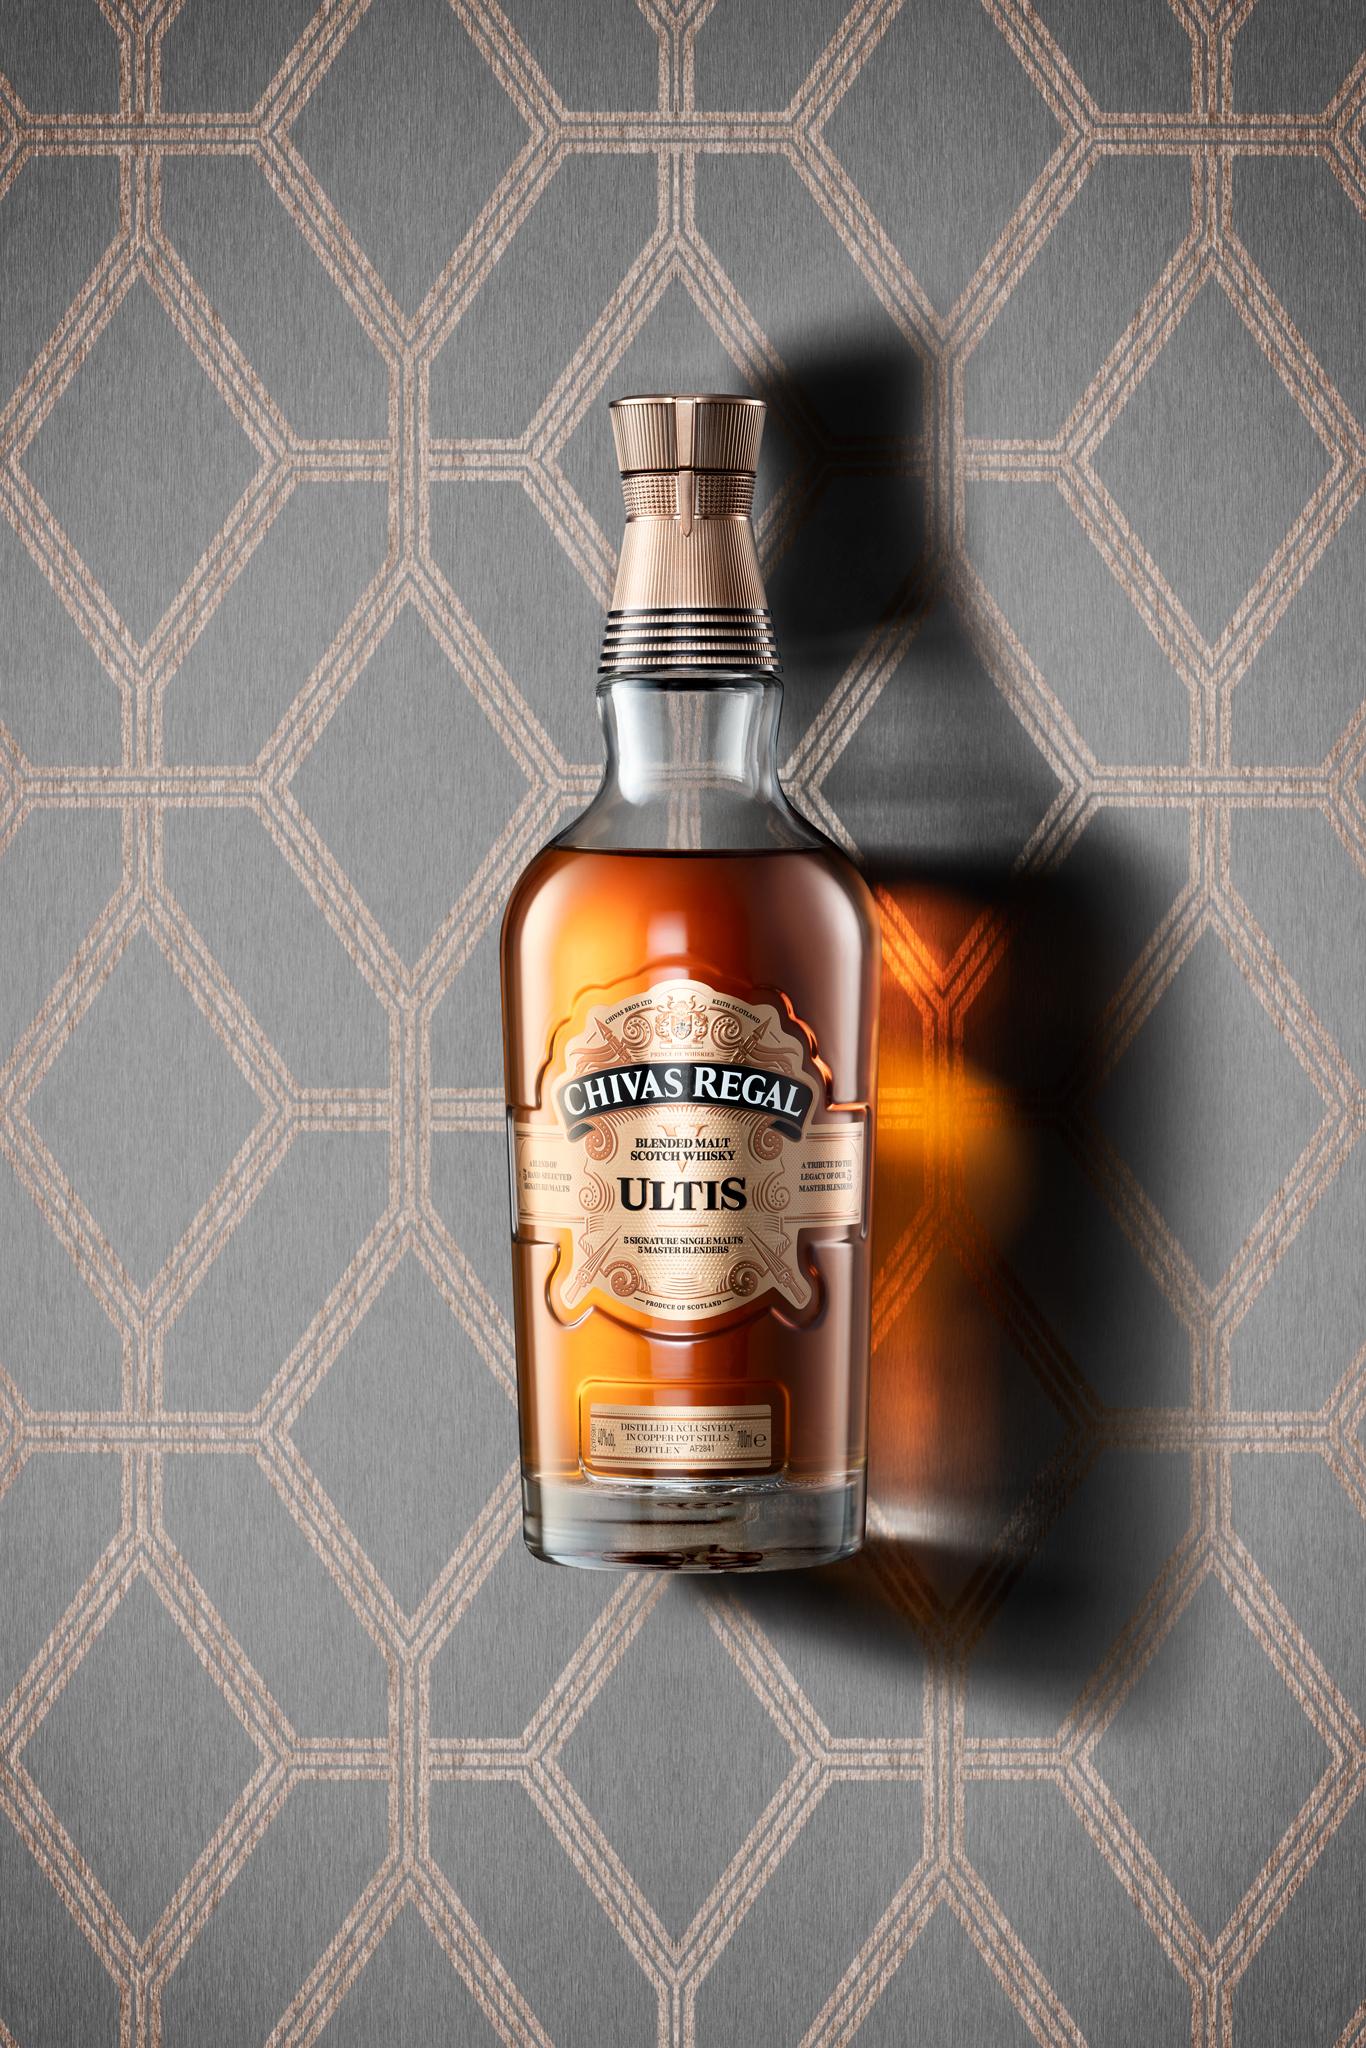 lettstudio_photography_beverage_whisky_chivas_ultis-v2.jpg